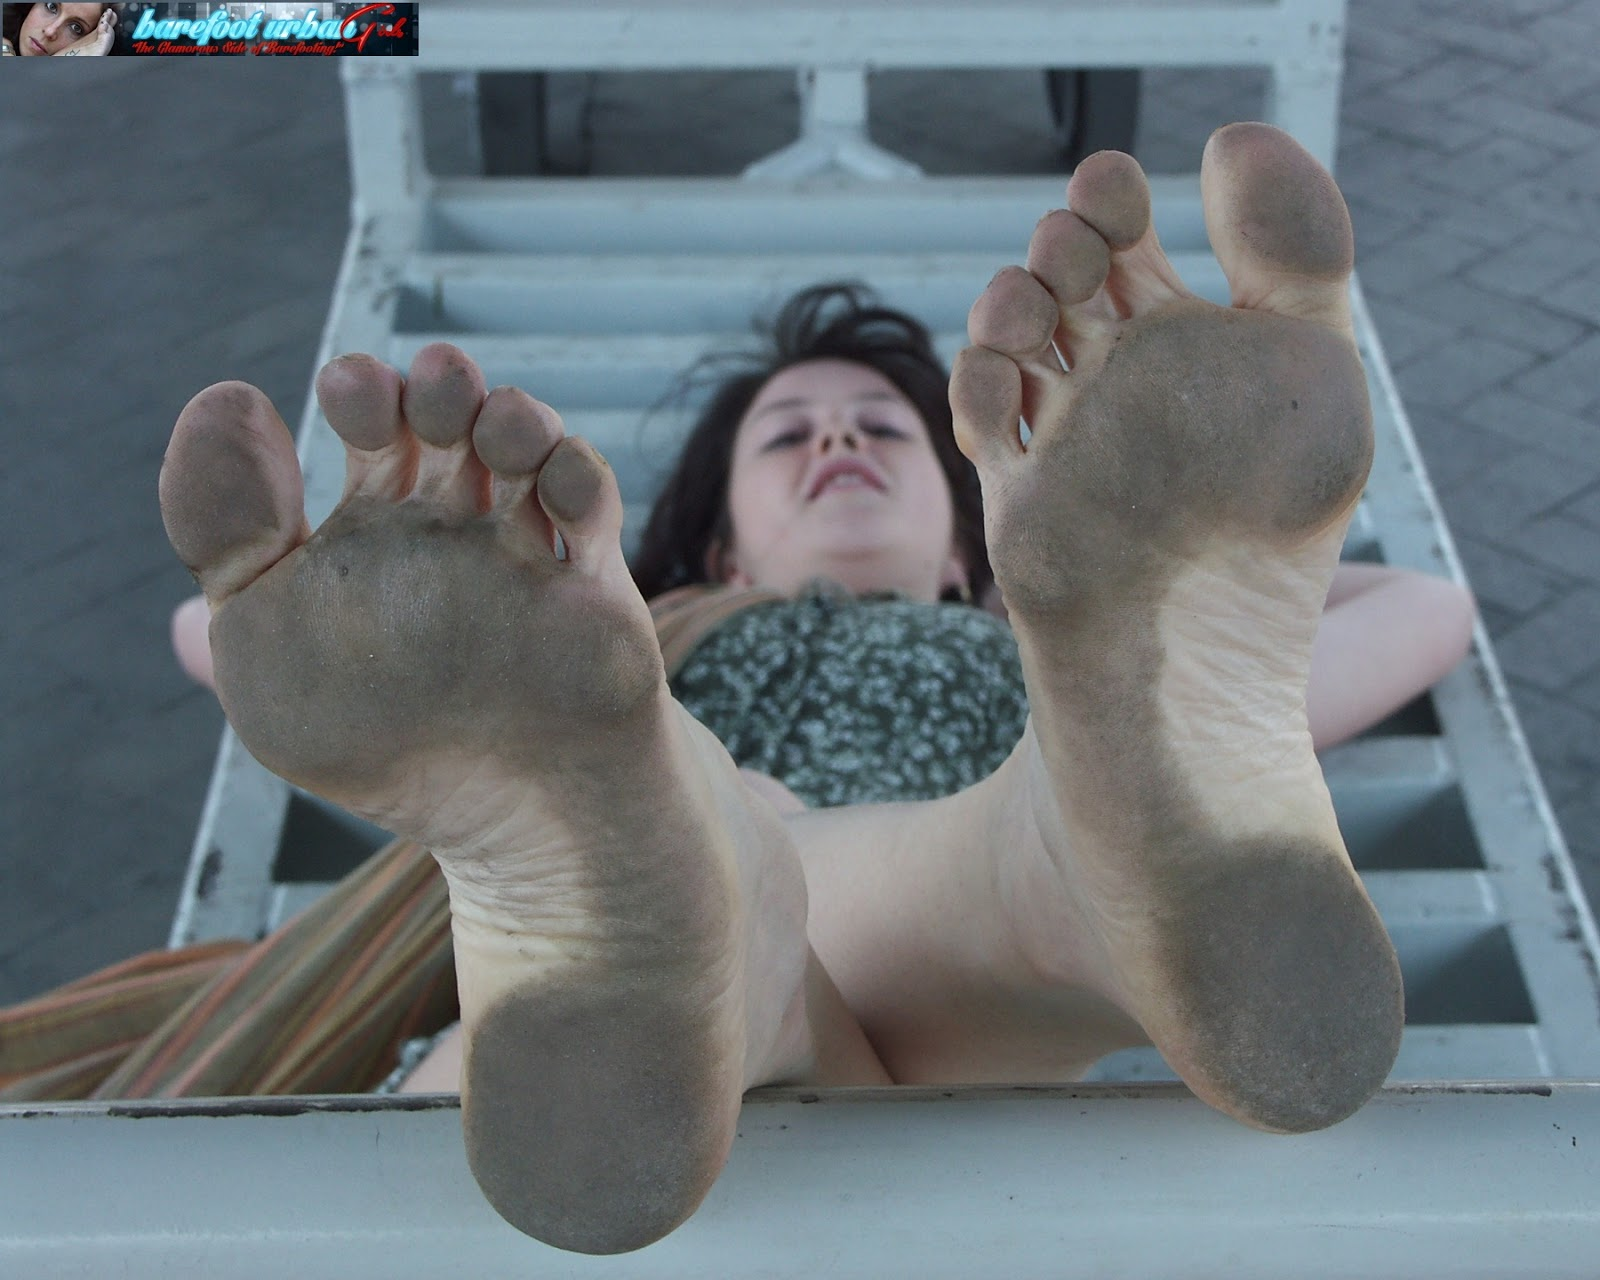 Barbara mori naked fake nude